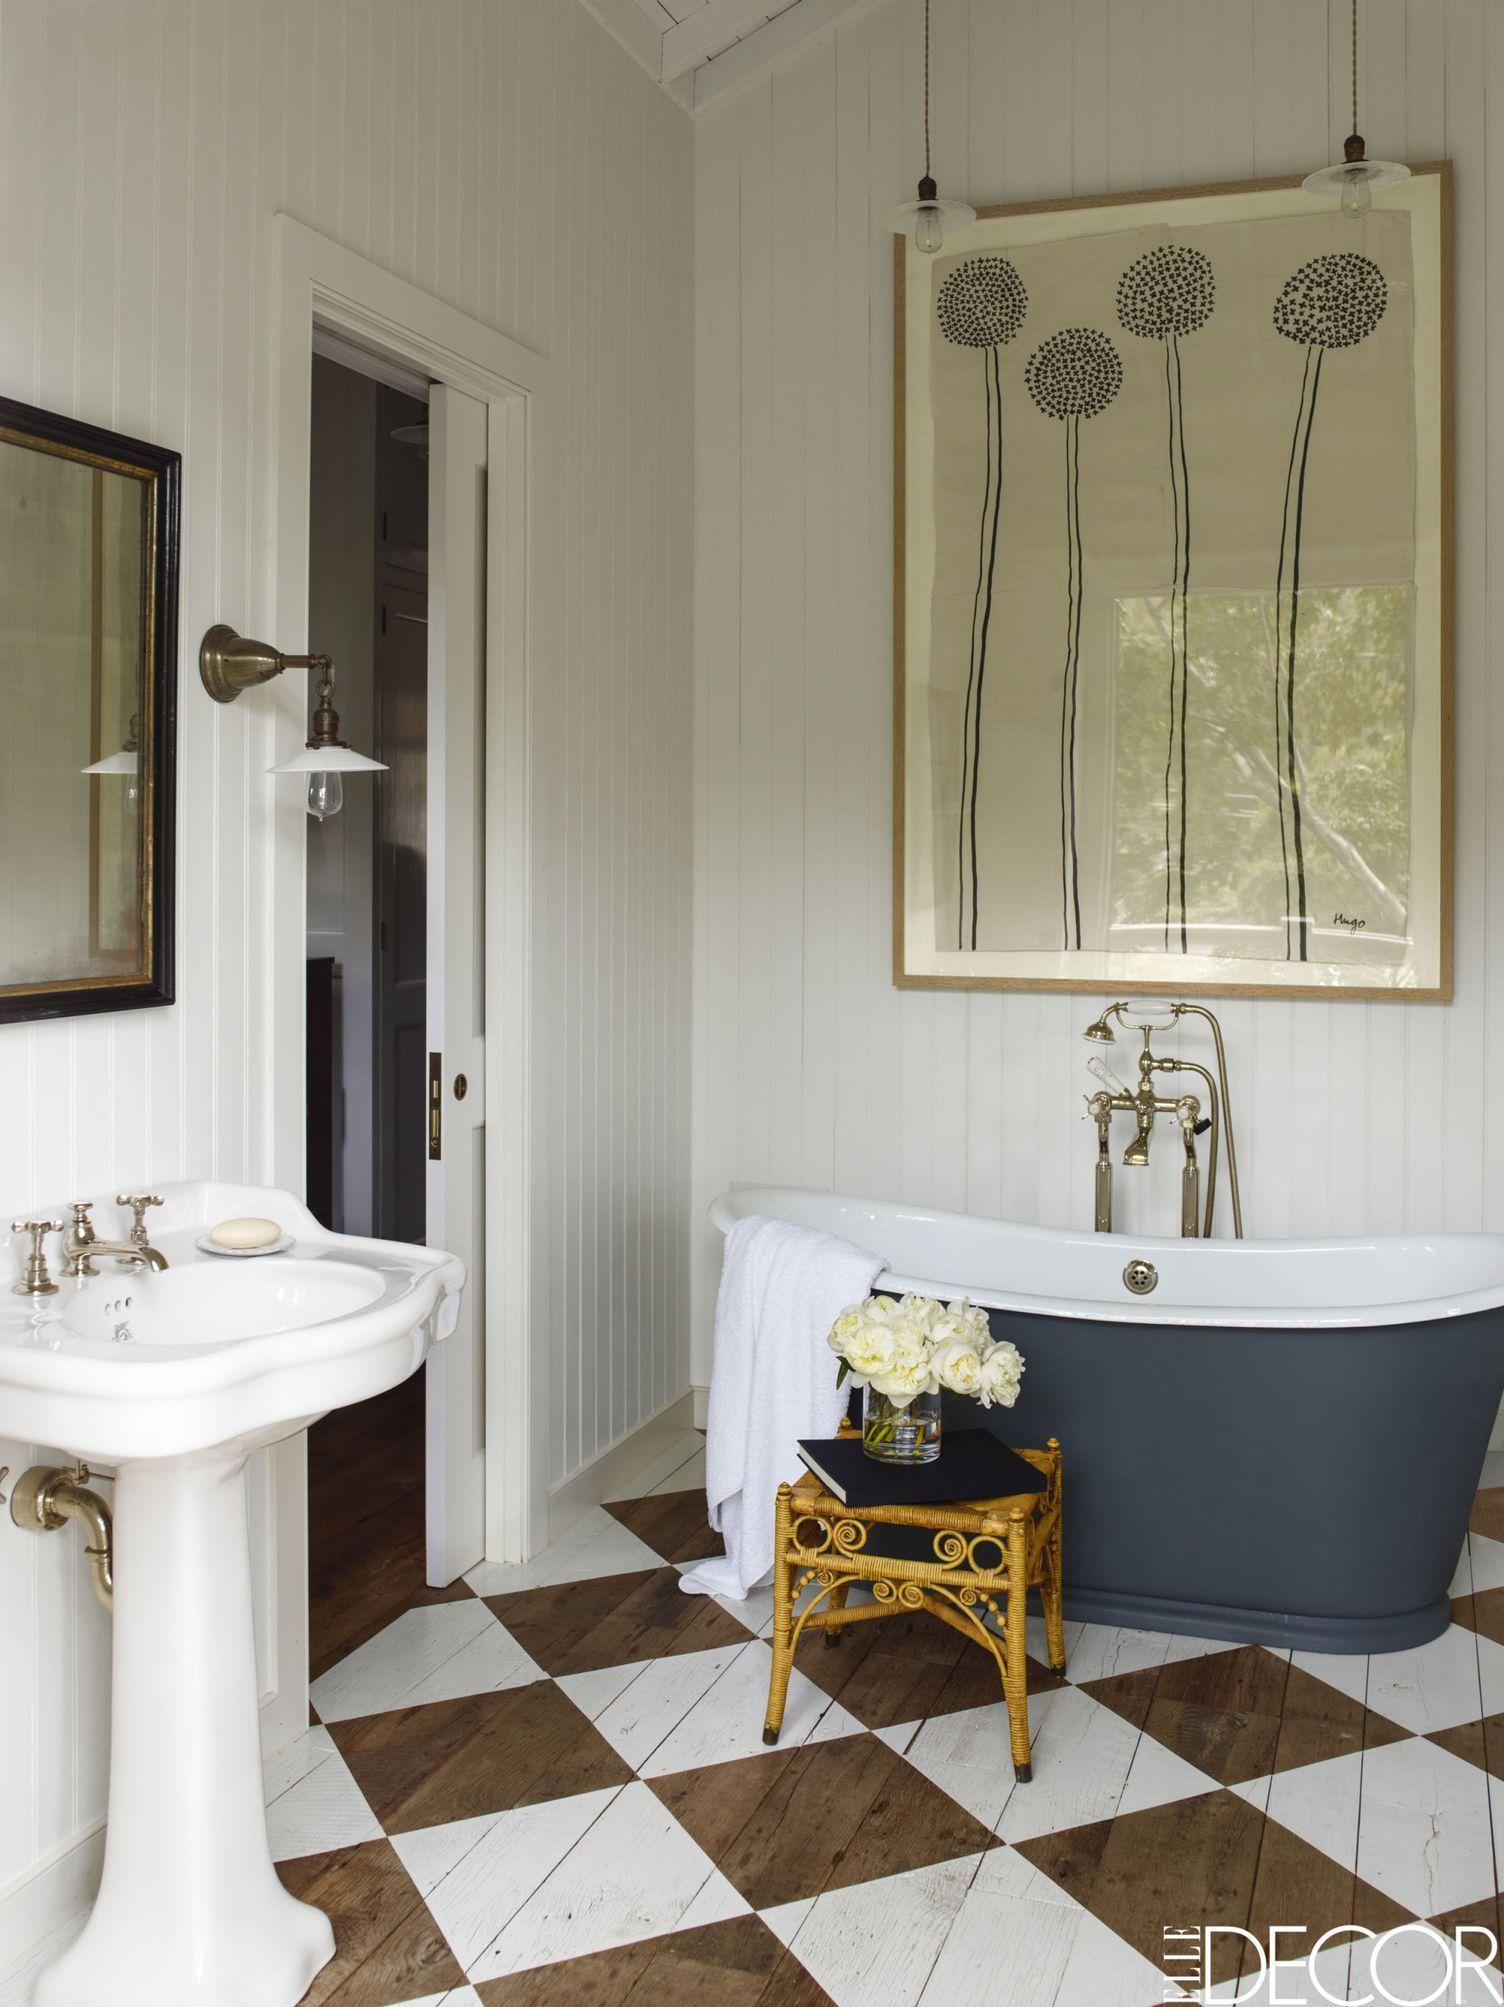 Rustic Checkerboard Bathroom Elledecor Com Simple Bathroom Designs Best Bathroom Designs Bathroom Design Small Elle decor best bathrooms